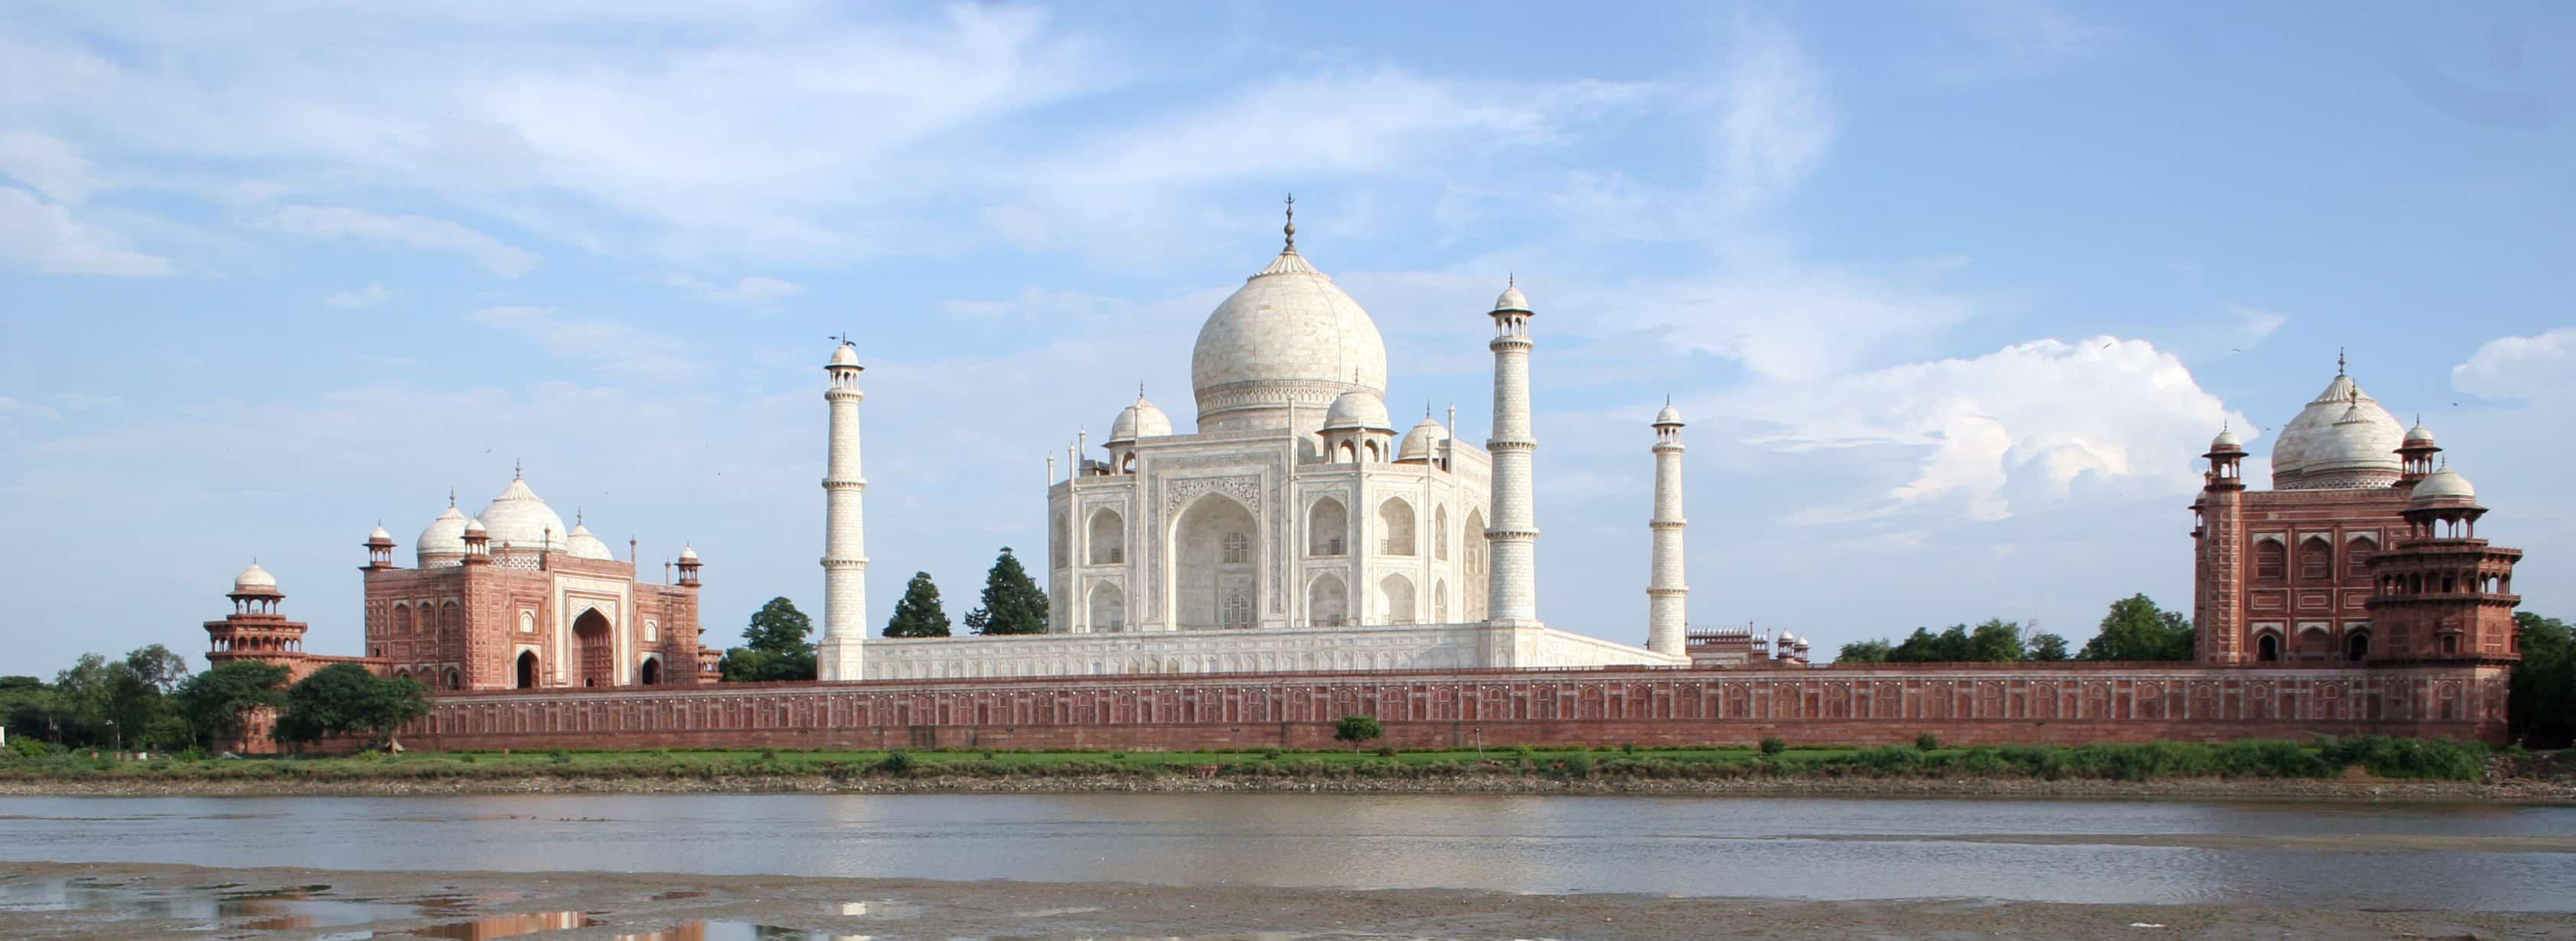 Taj Mahal Facts, Taj Mahal Complex